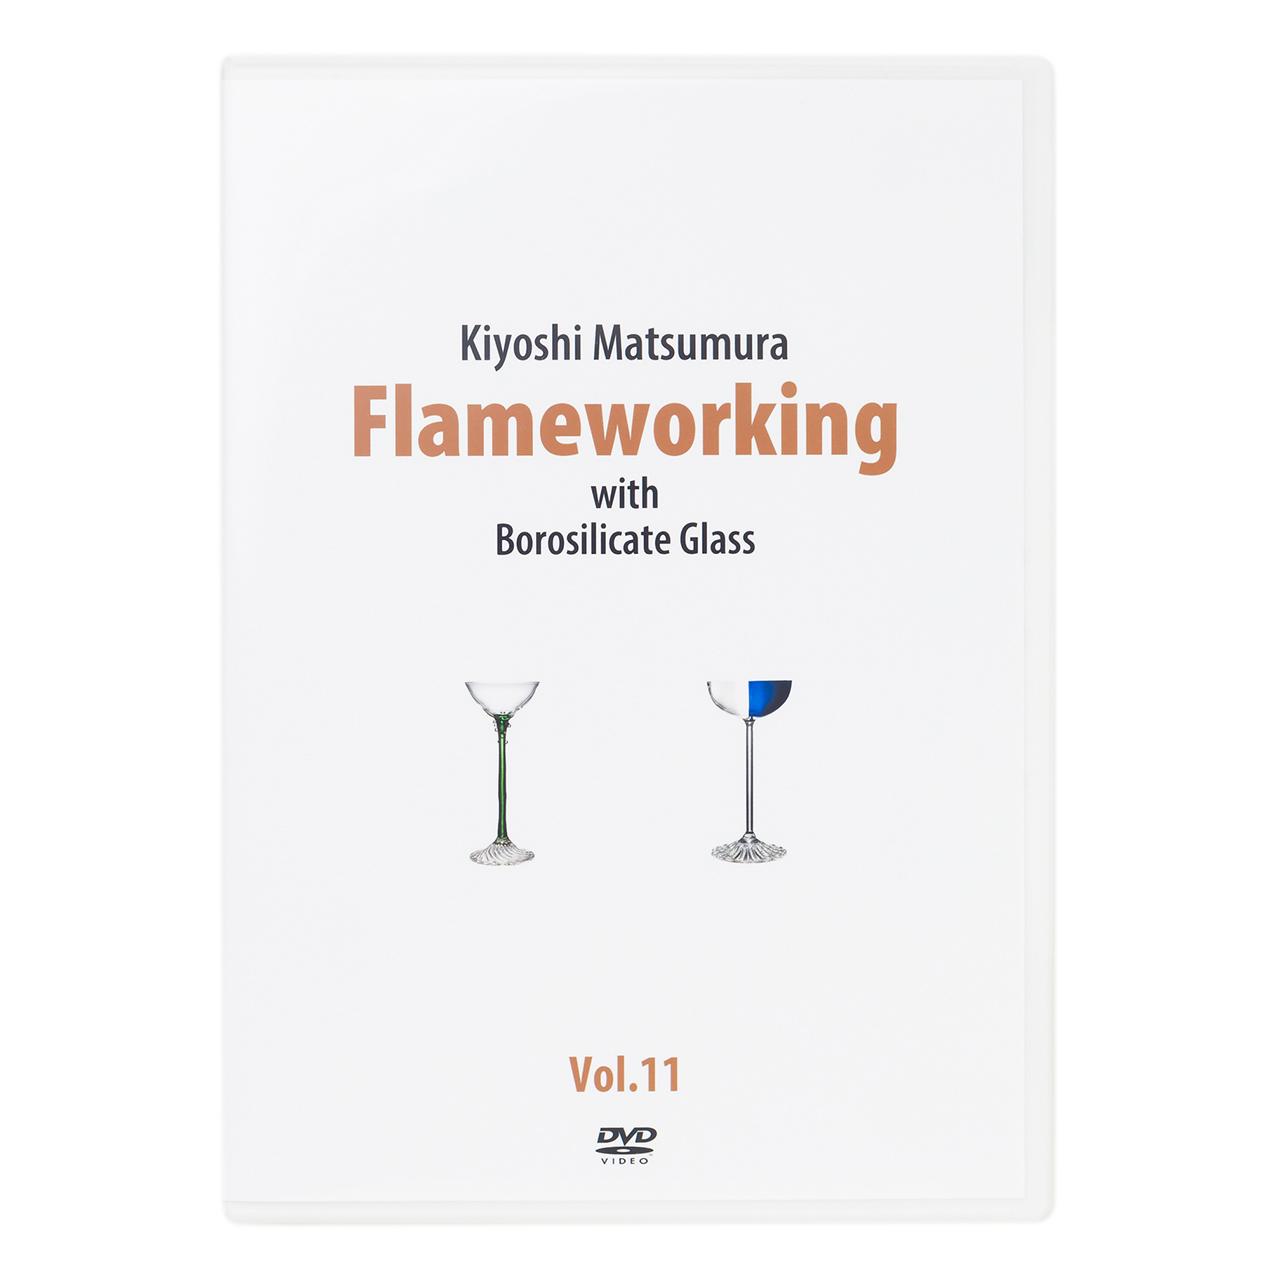 松村潔 Flameworking Vol.11 DVD